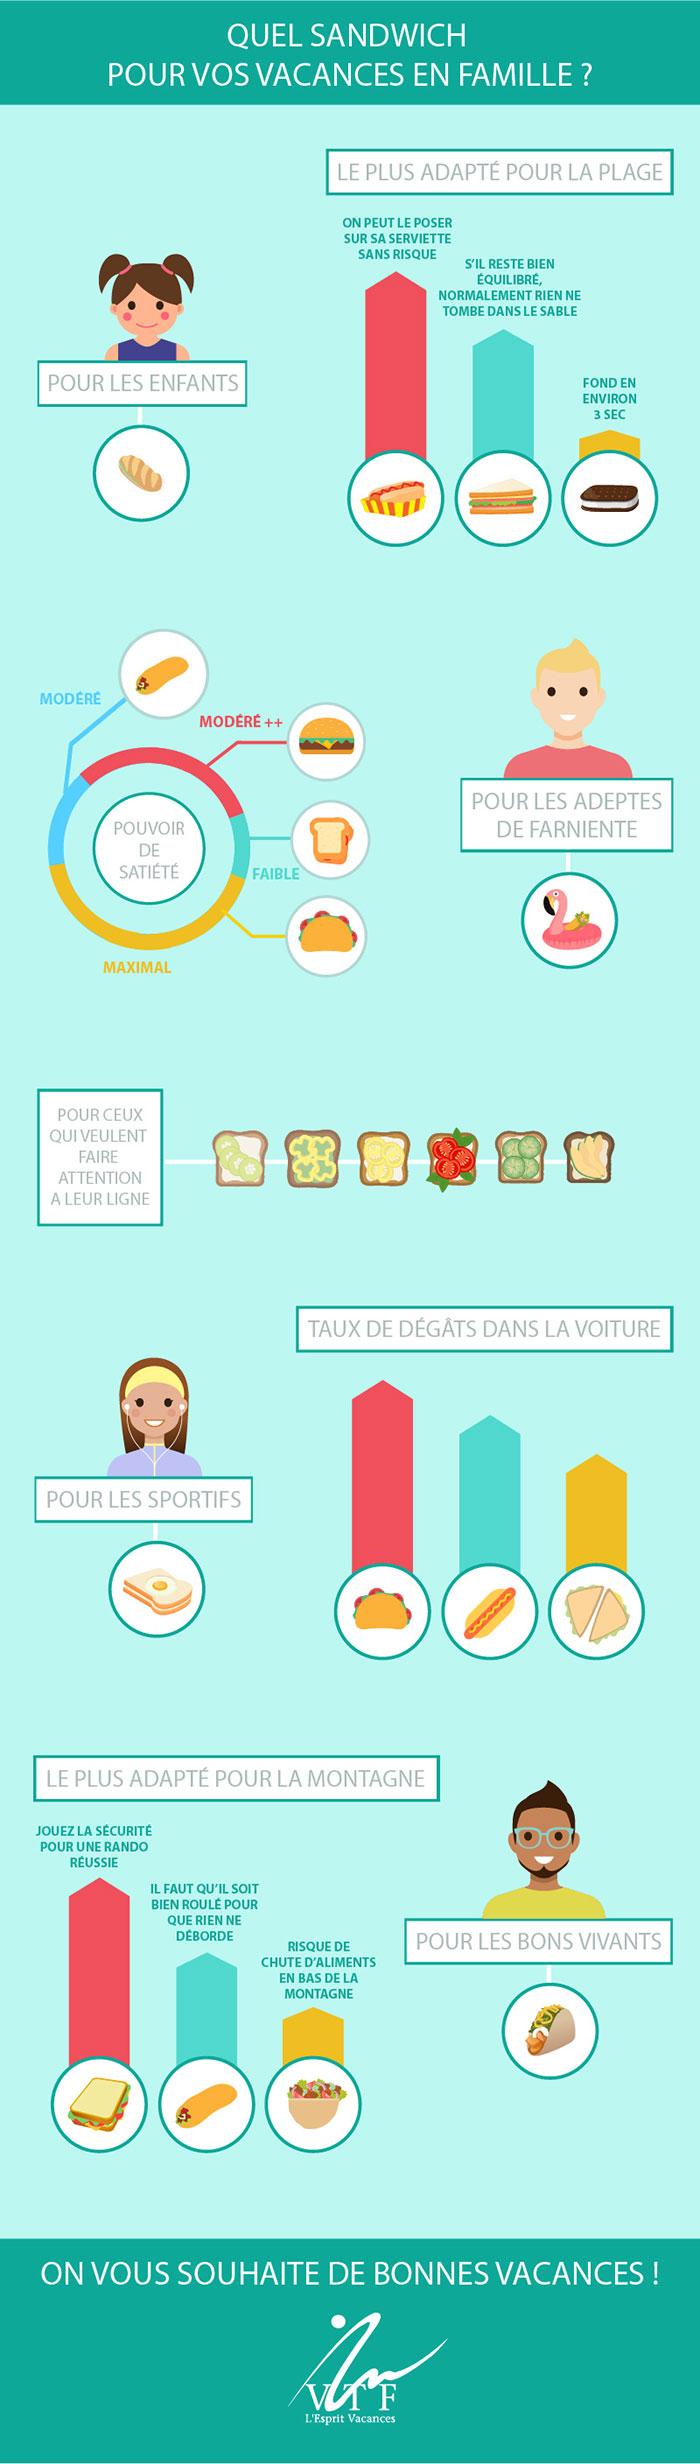 infographie sandwich idéal en vacances